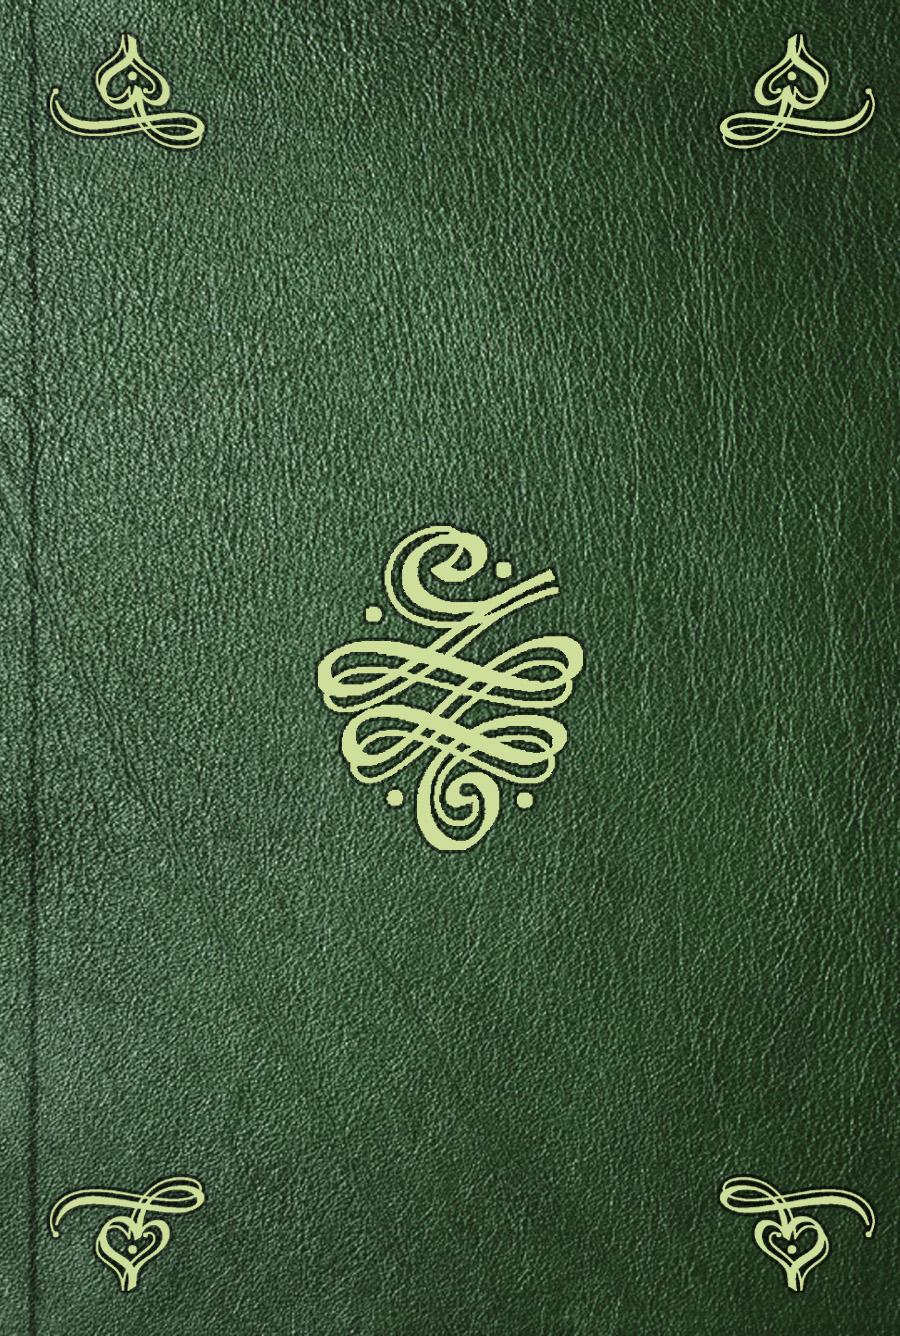 Jean de Cardaillac Etudes elementaires de philosophie. T. 2 j c kessler 24 etudes